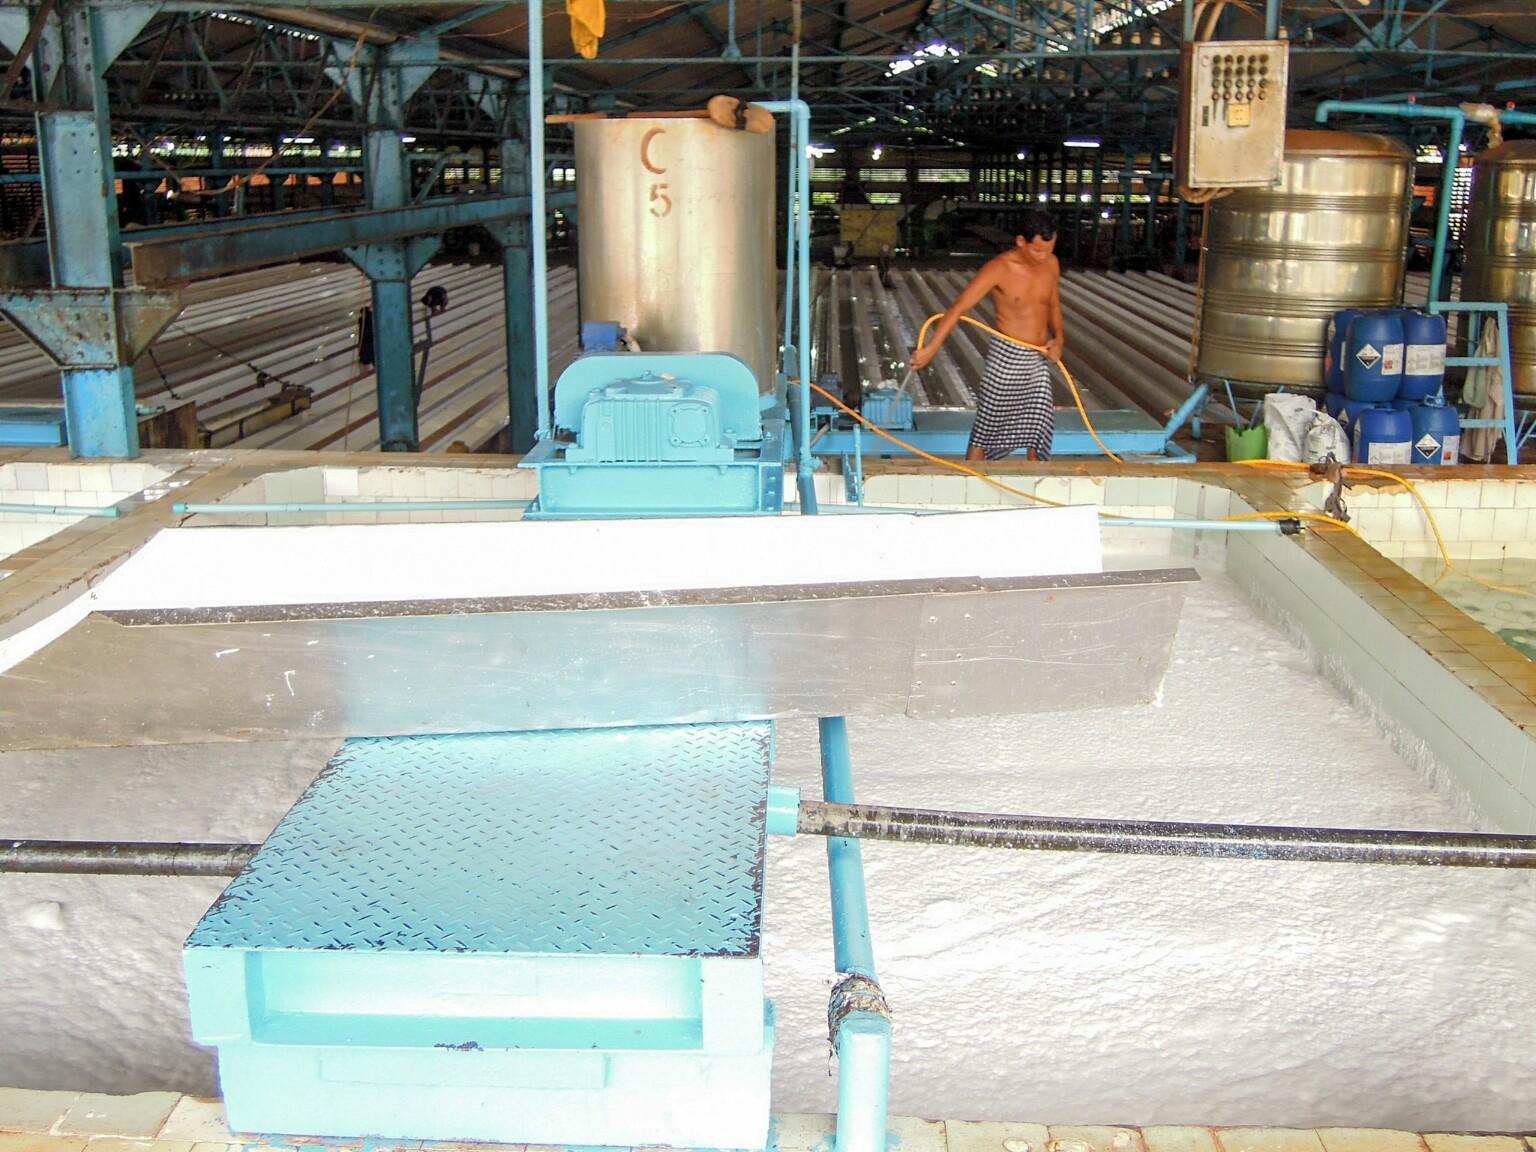 Kautschuk Fabrik Kompong Cham organic17